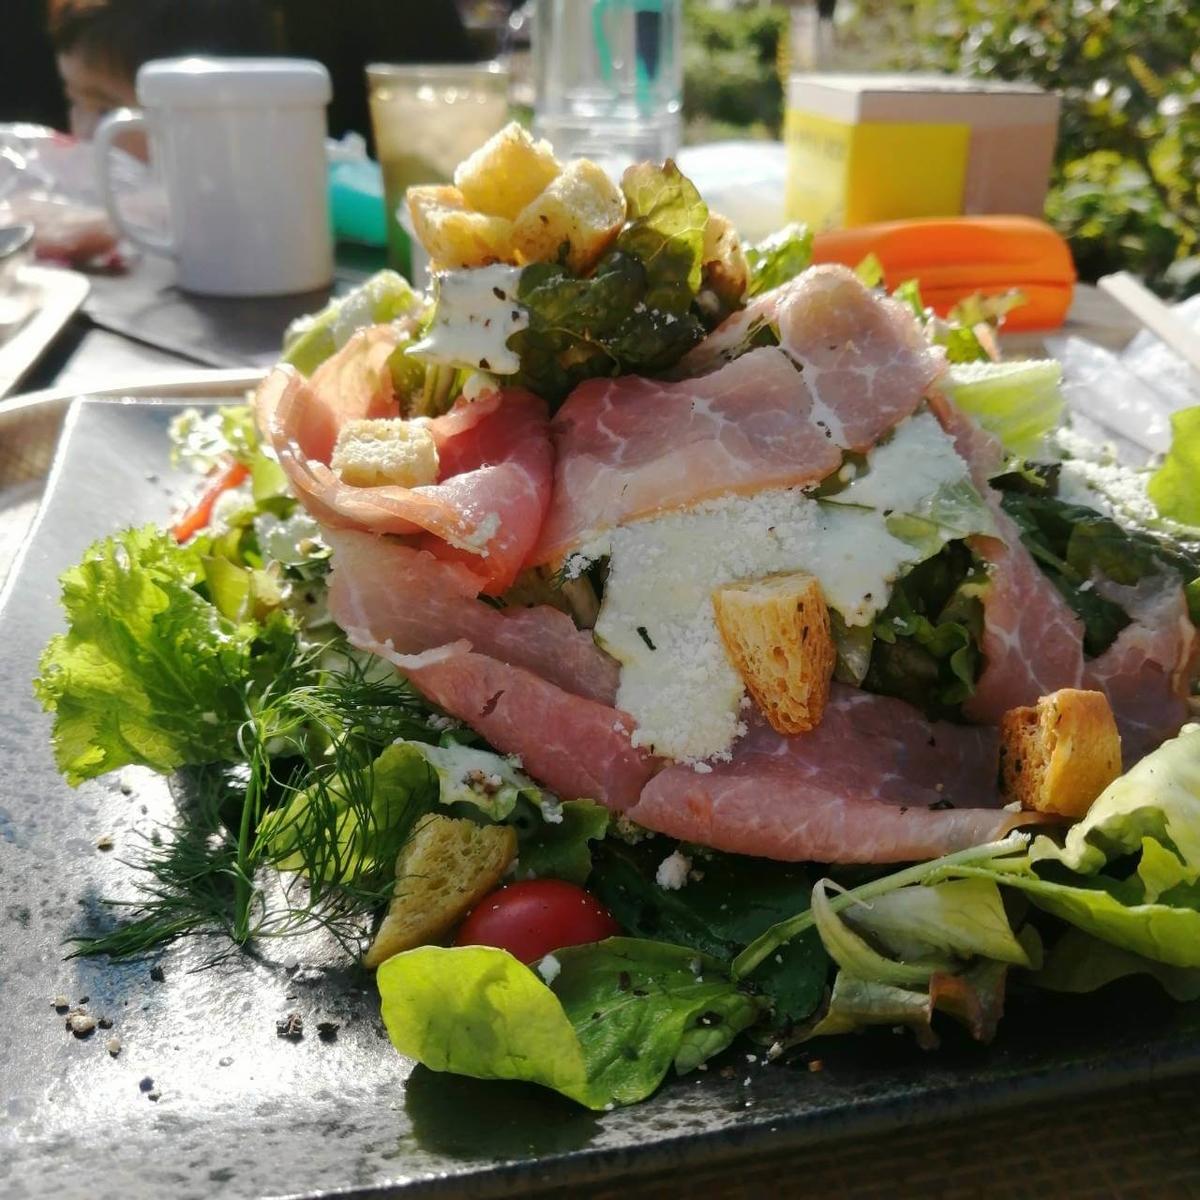 千葉県内でペットとお出かけ:大多喜ハーブガーデン レストランメニュー バジルDEサラダ